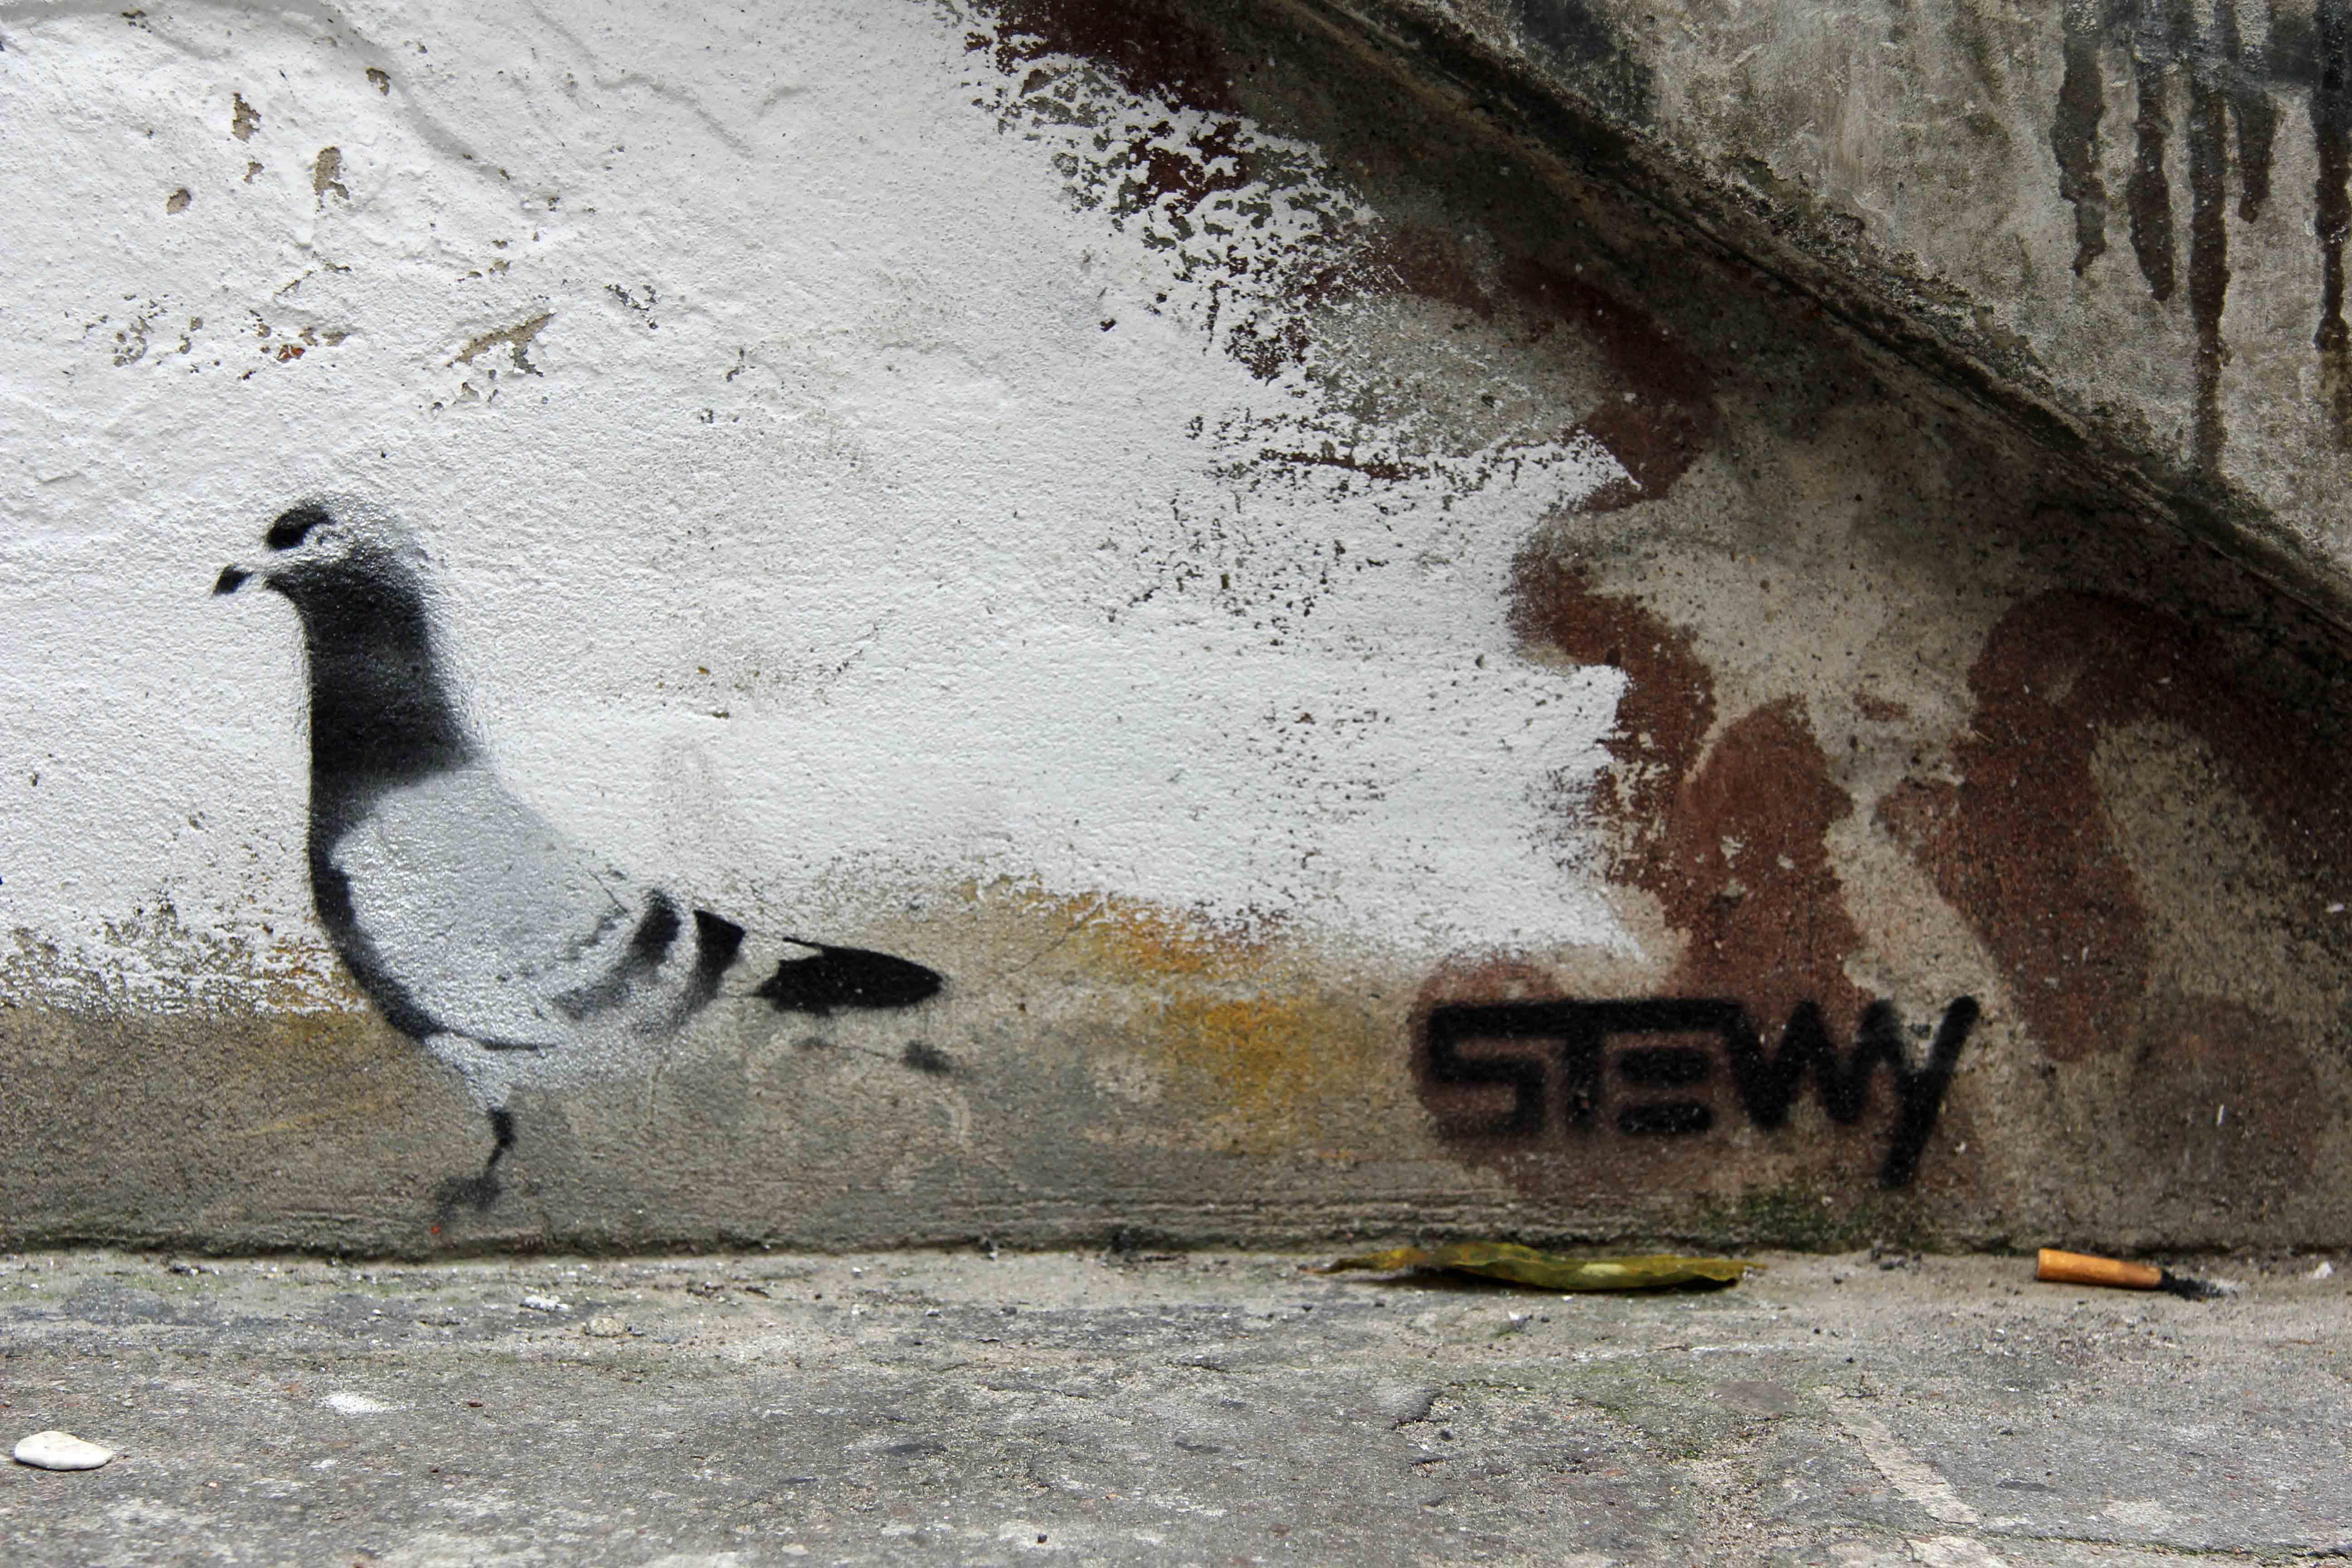 Pigeon - Street Art by Stewy in Berlin